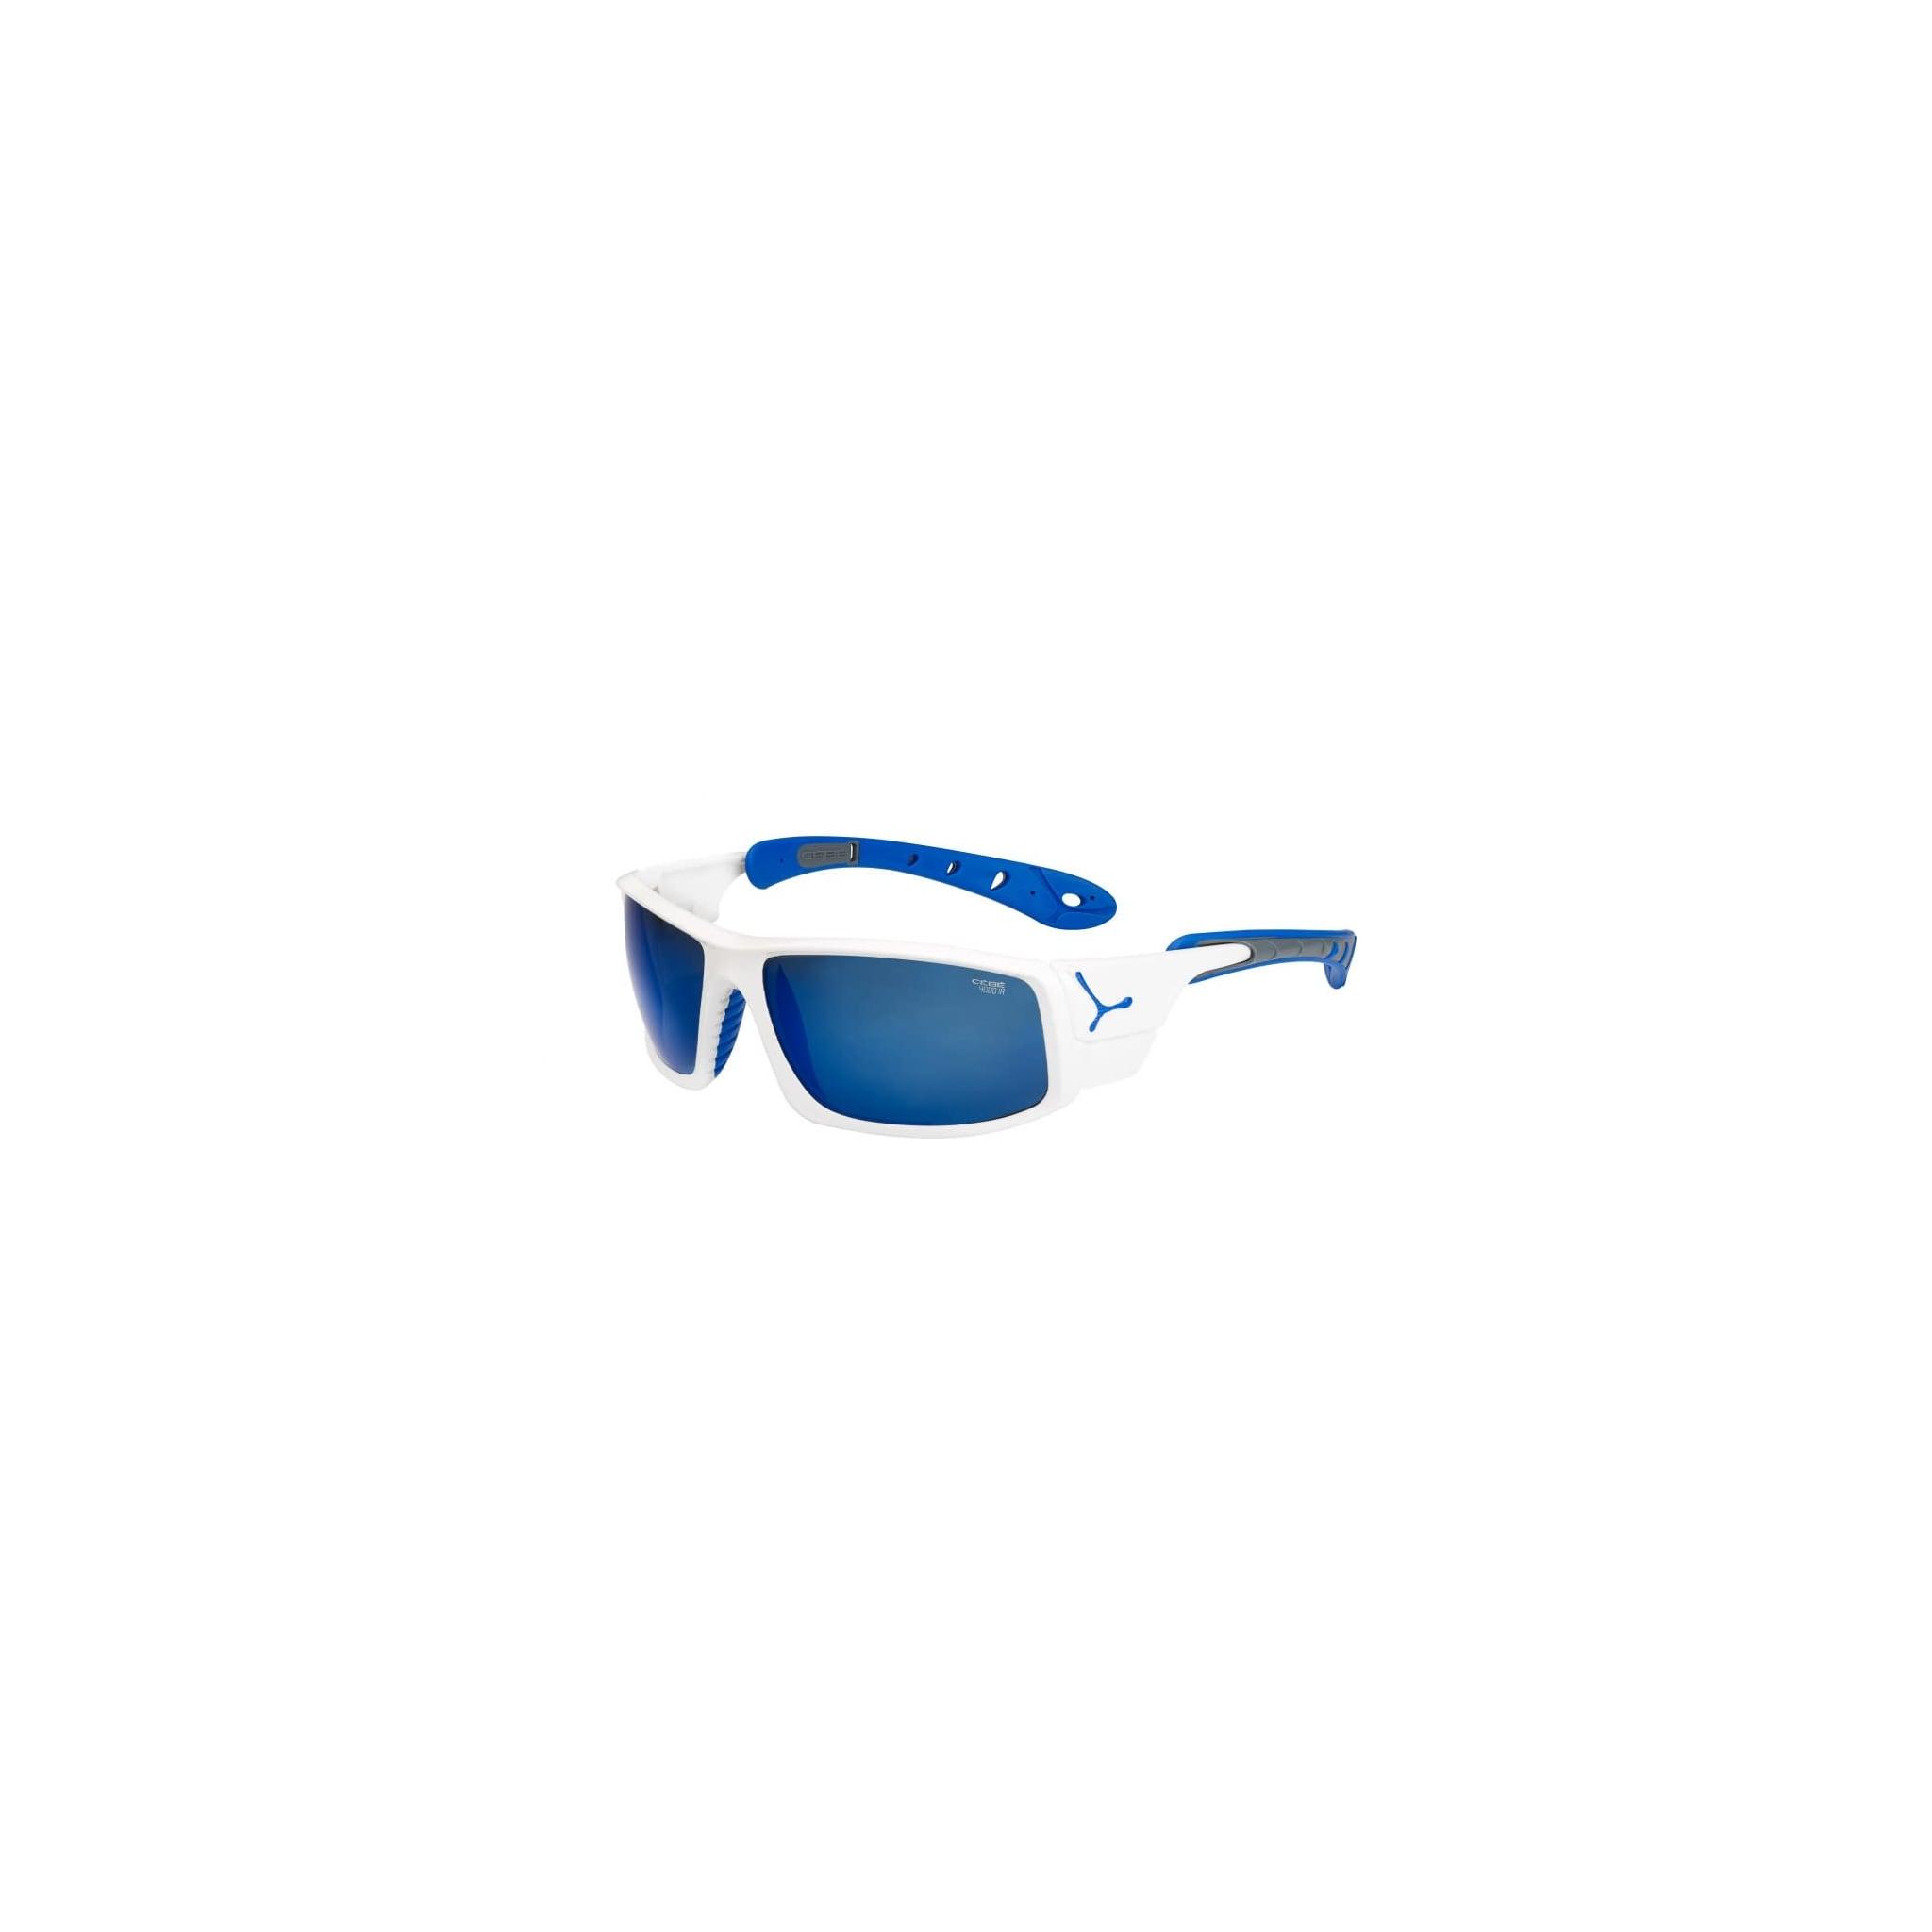 Favorittbrillen til fjellet